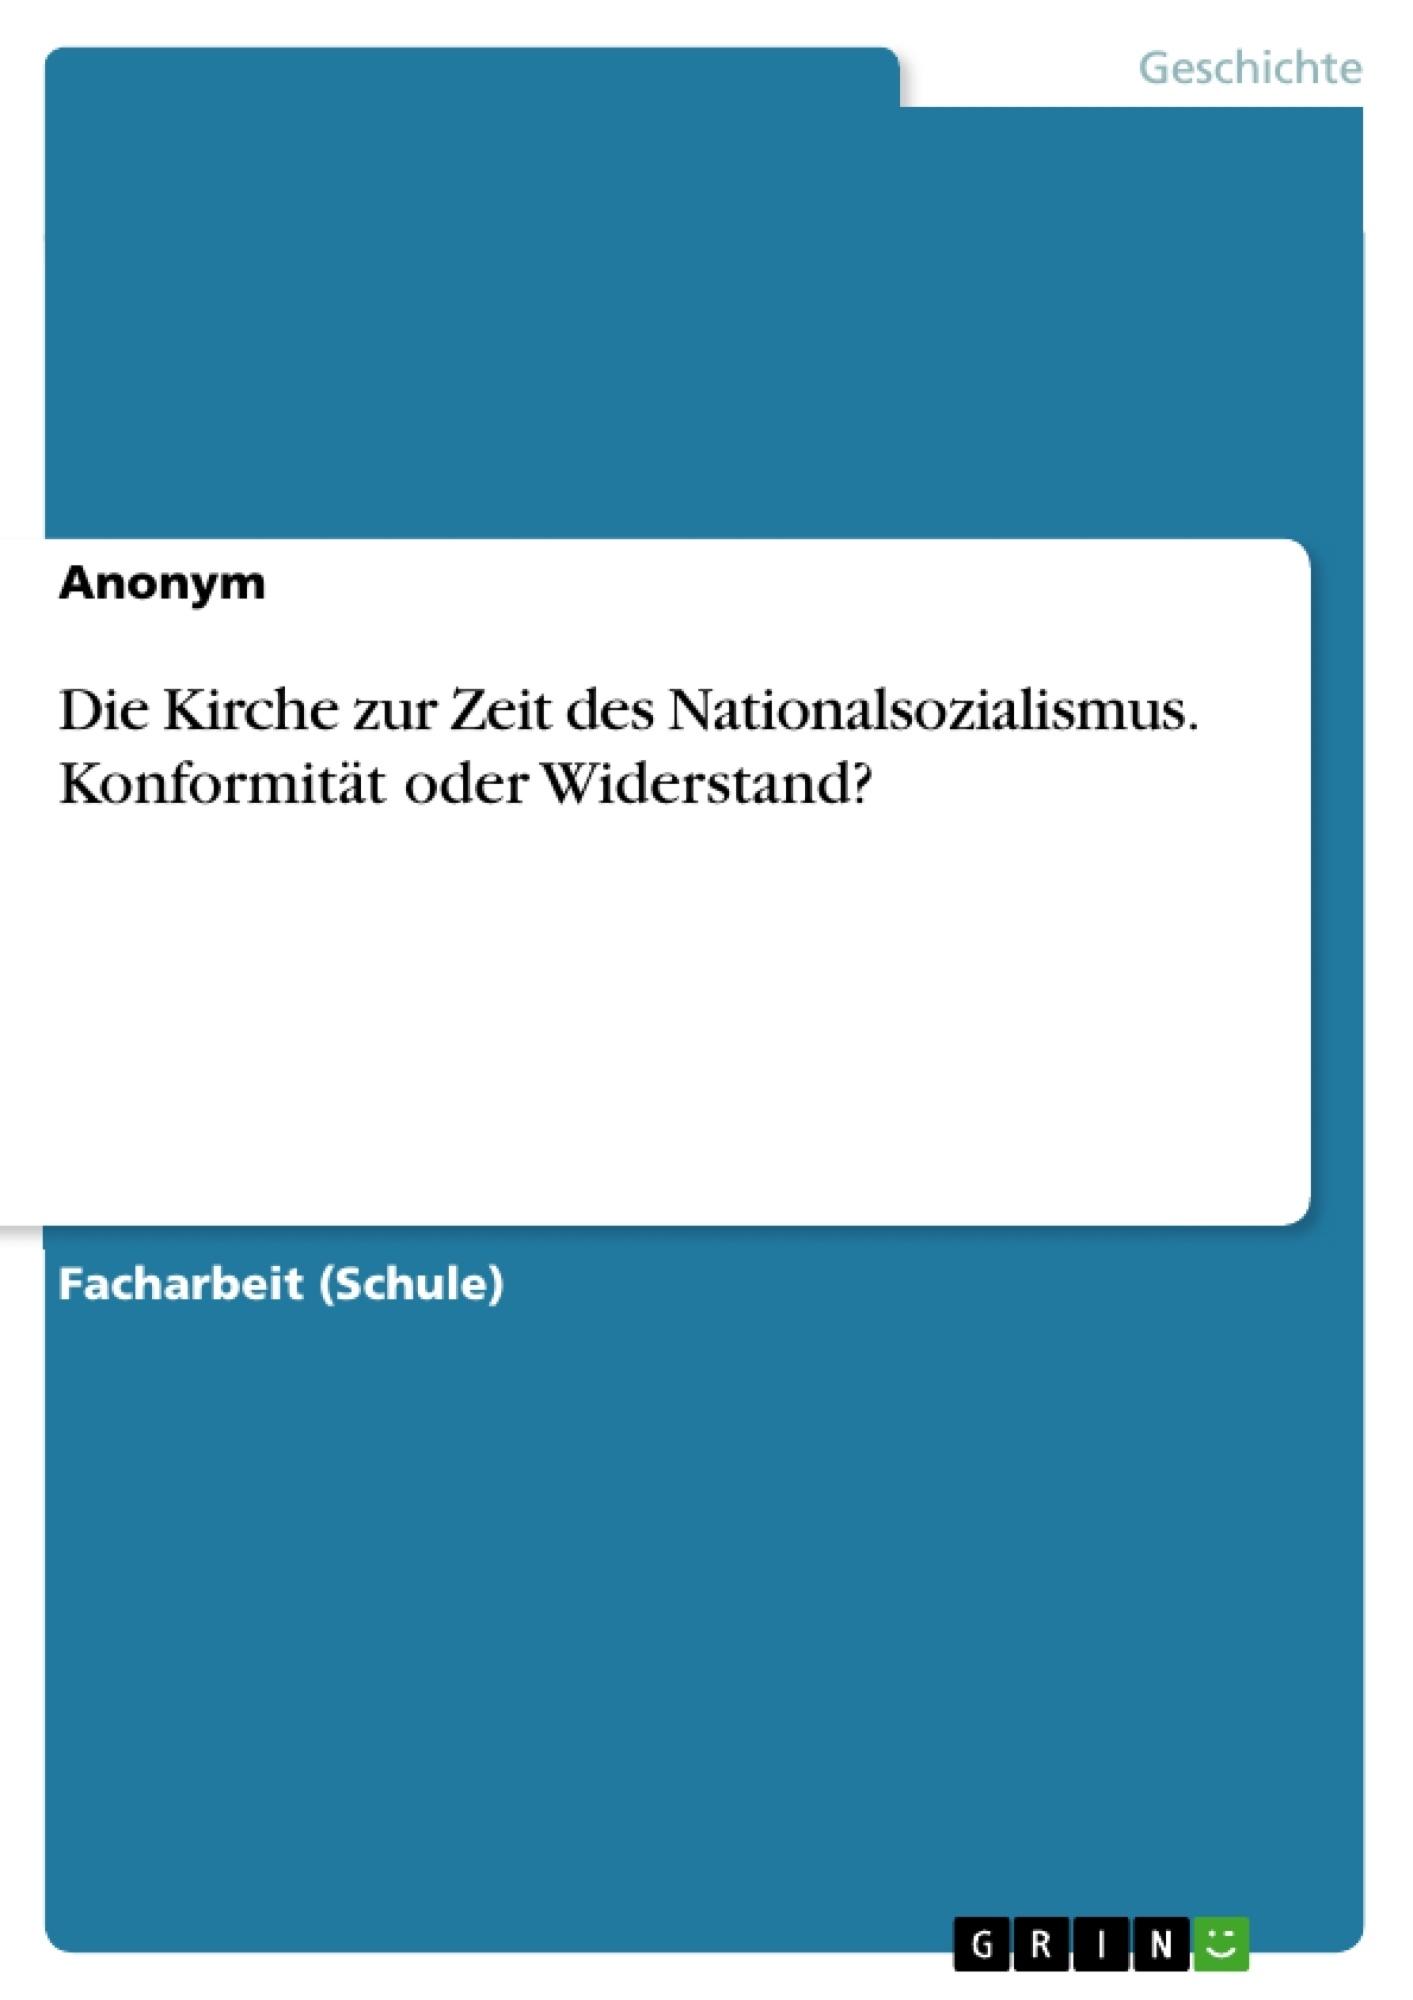 Titel: Die Kirche zur Zeit des Nationalsozialismus. Konformität oder Widerstand?